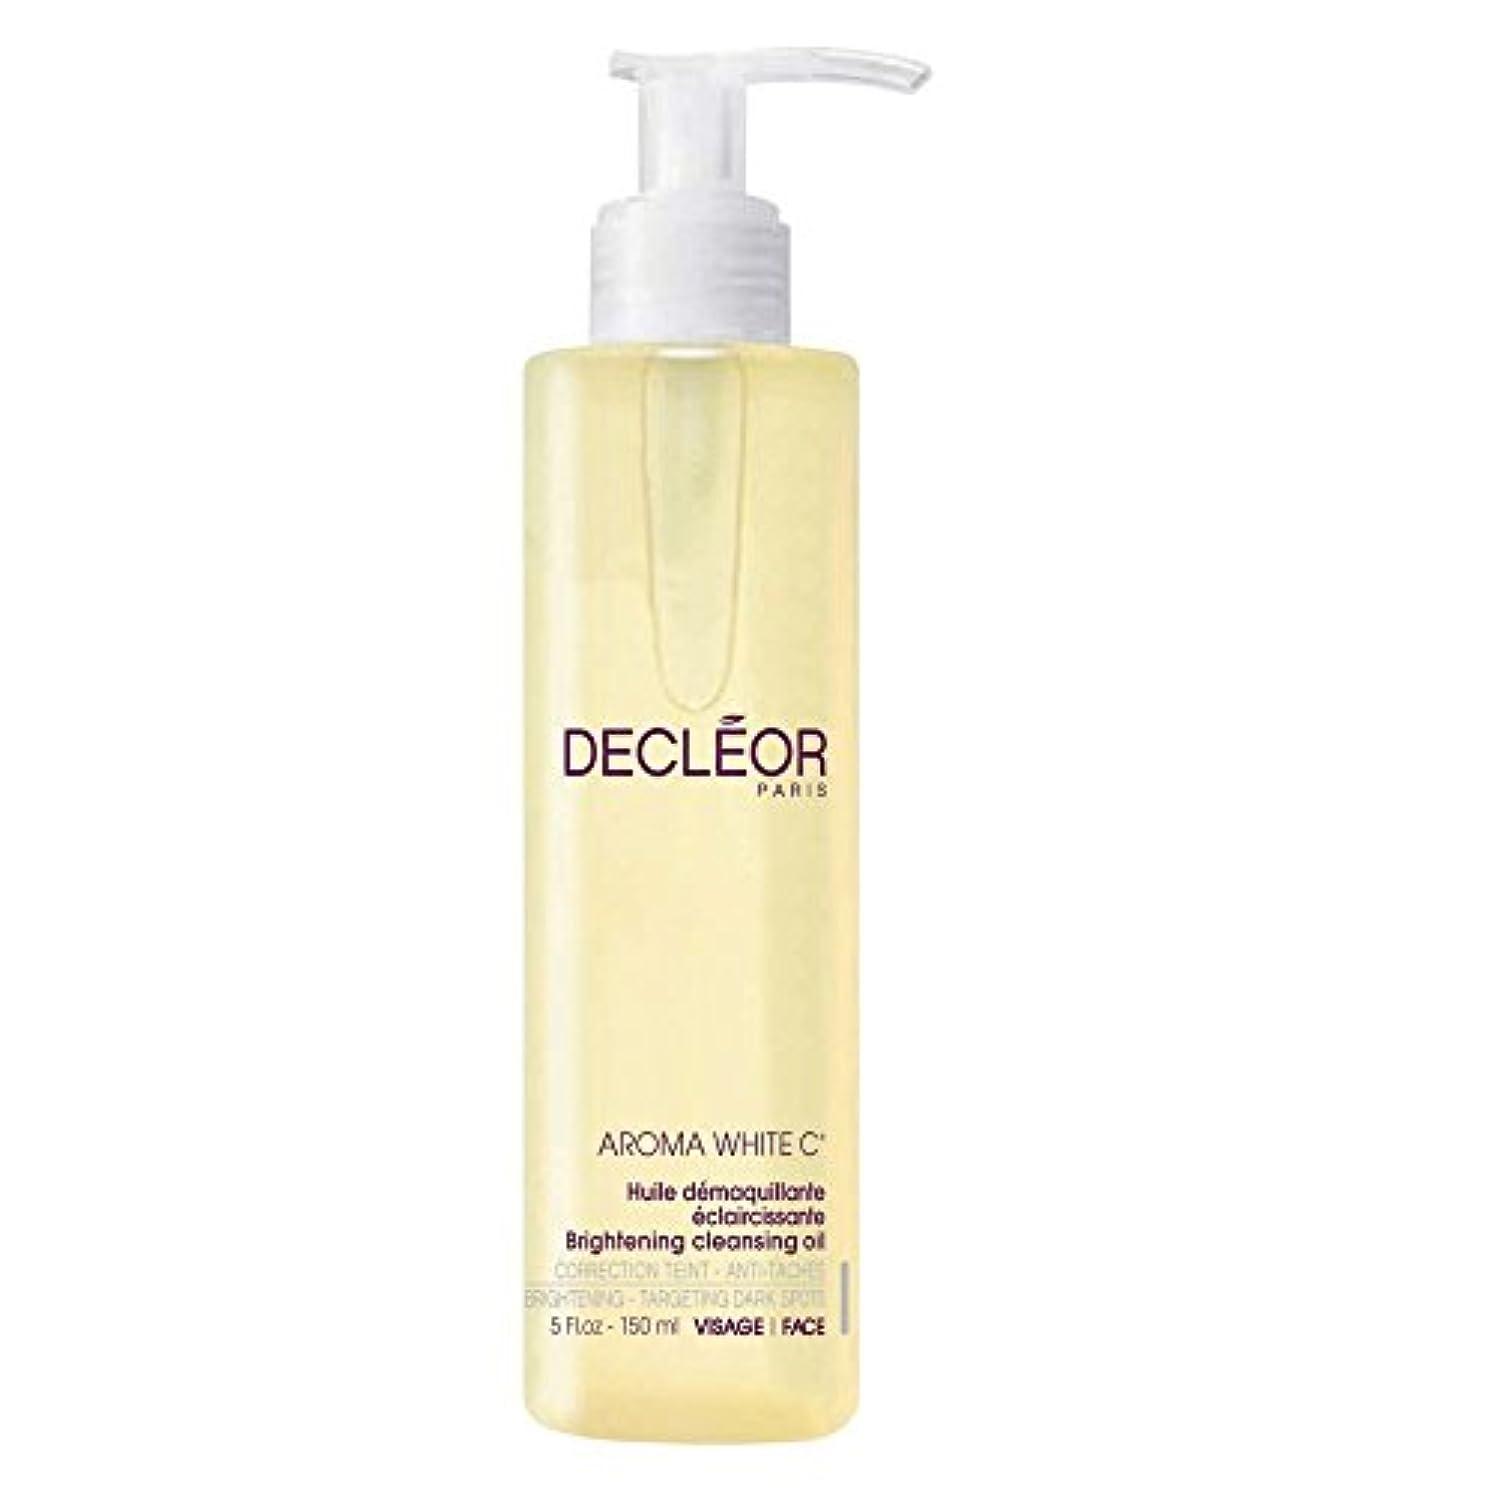 慢習慣カレッジ[Decl?or] 150ミリリットルデクレオールブライトニングクレンジングオイル、 - Decl?or Brightening Cleansing Oil, 150ml [並行輸入品]